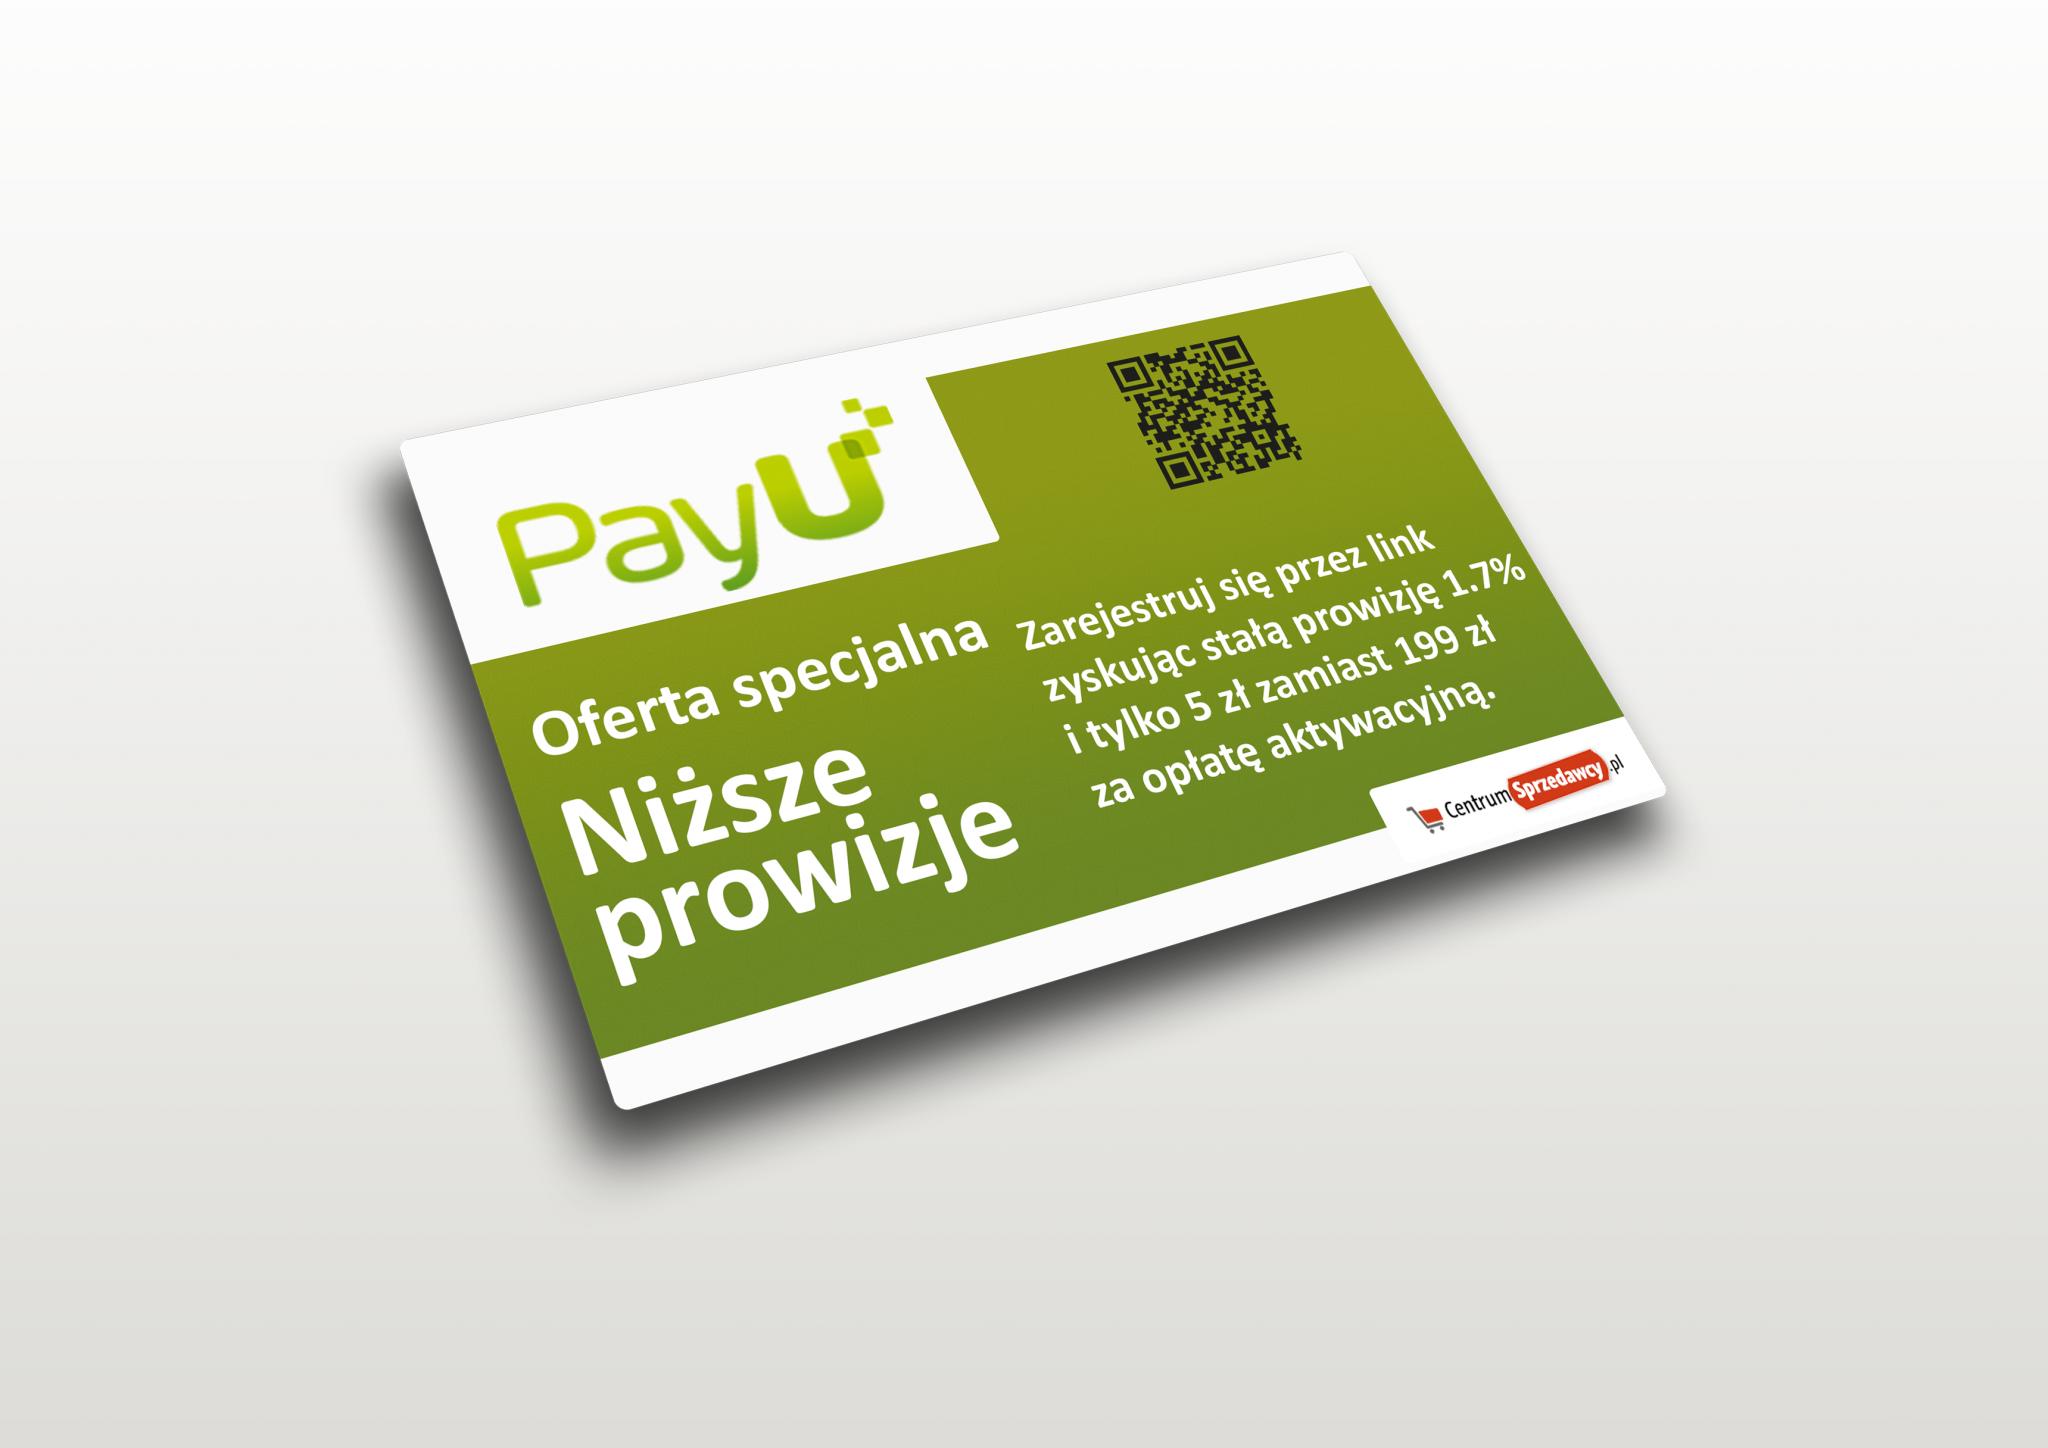 cfa90f29ac8ecf Payu niższe prowizje i opłata aktywacyjna o 194 zł taniej!